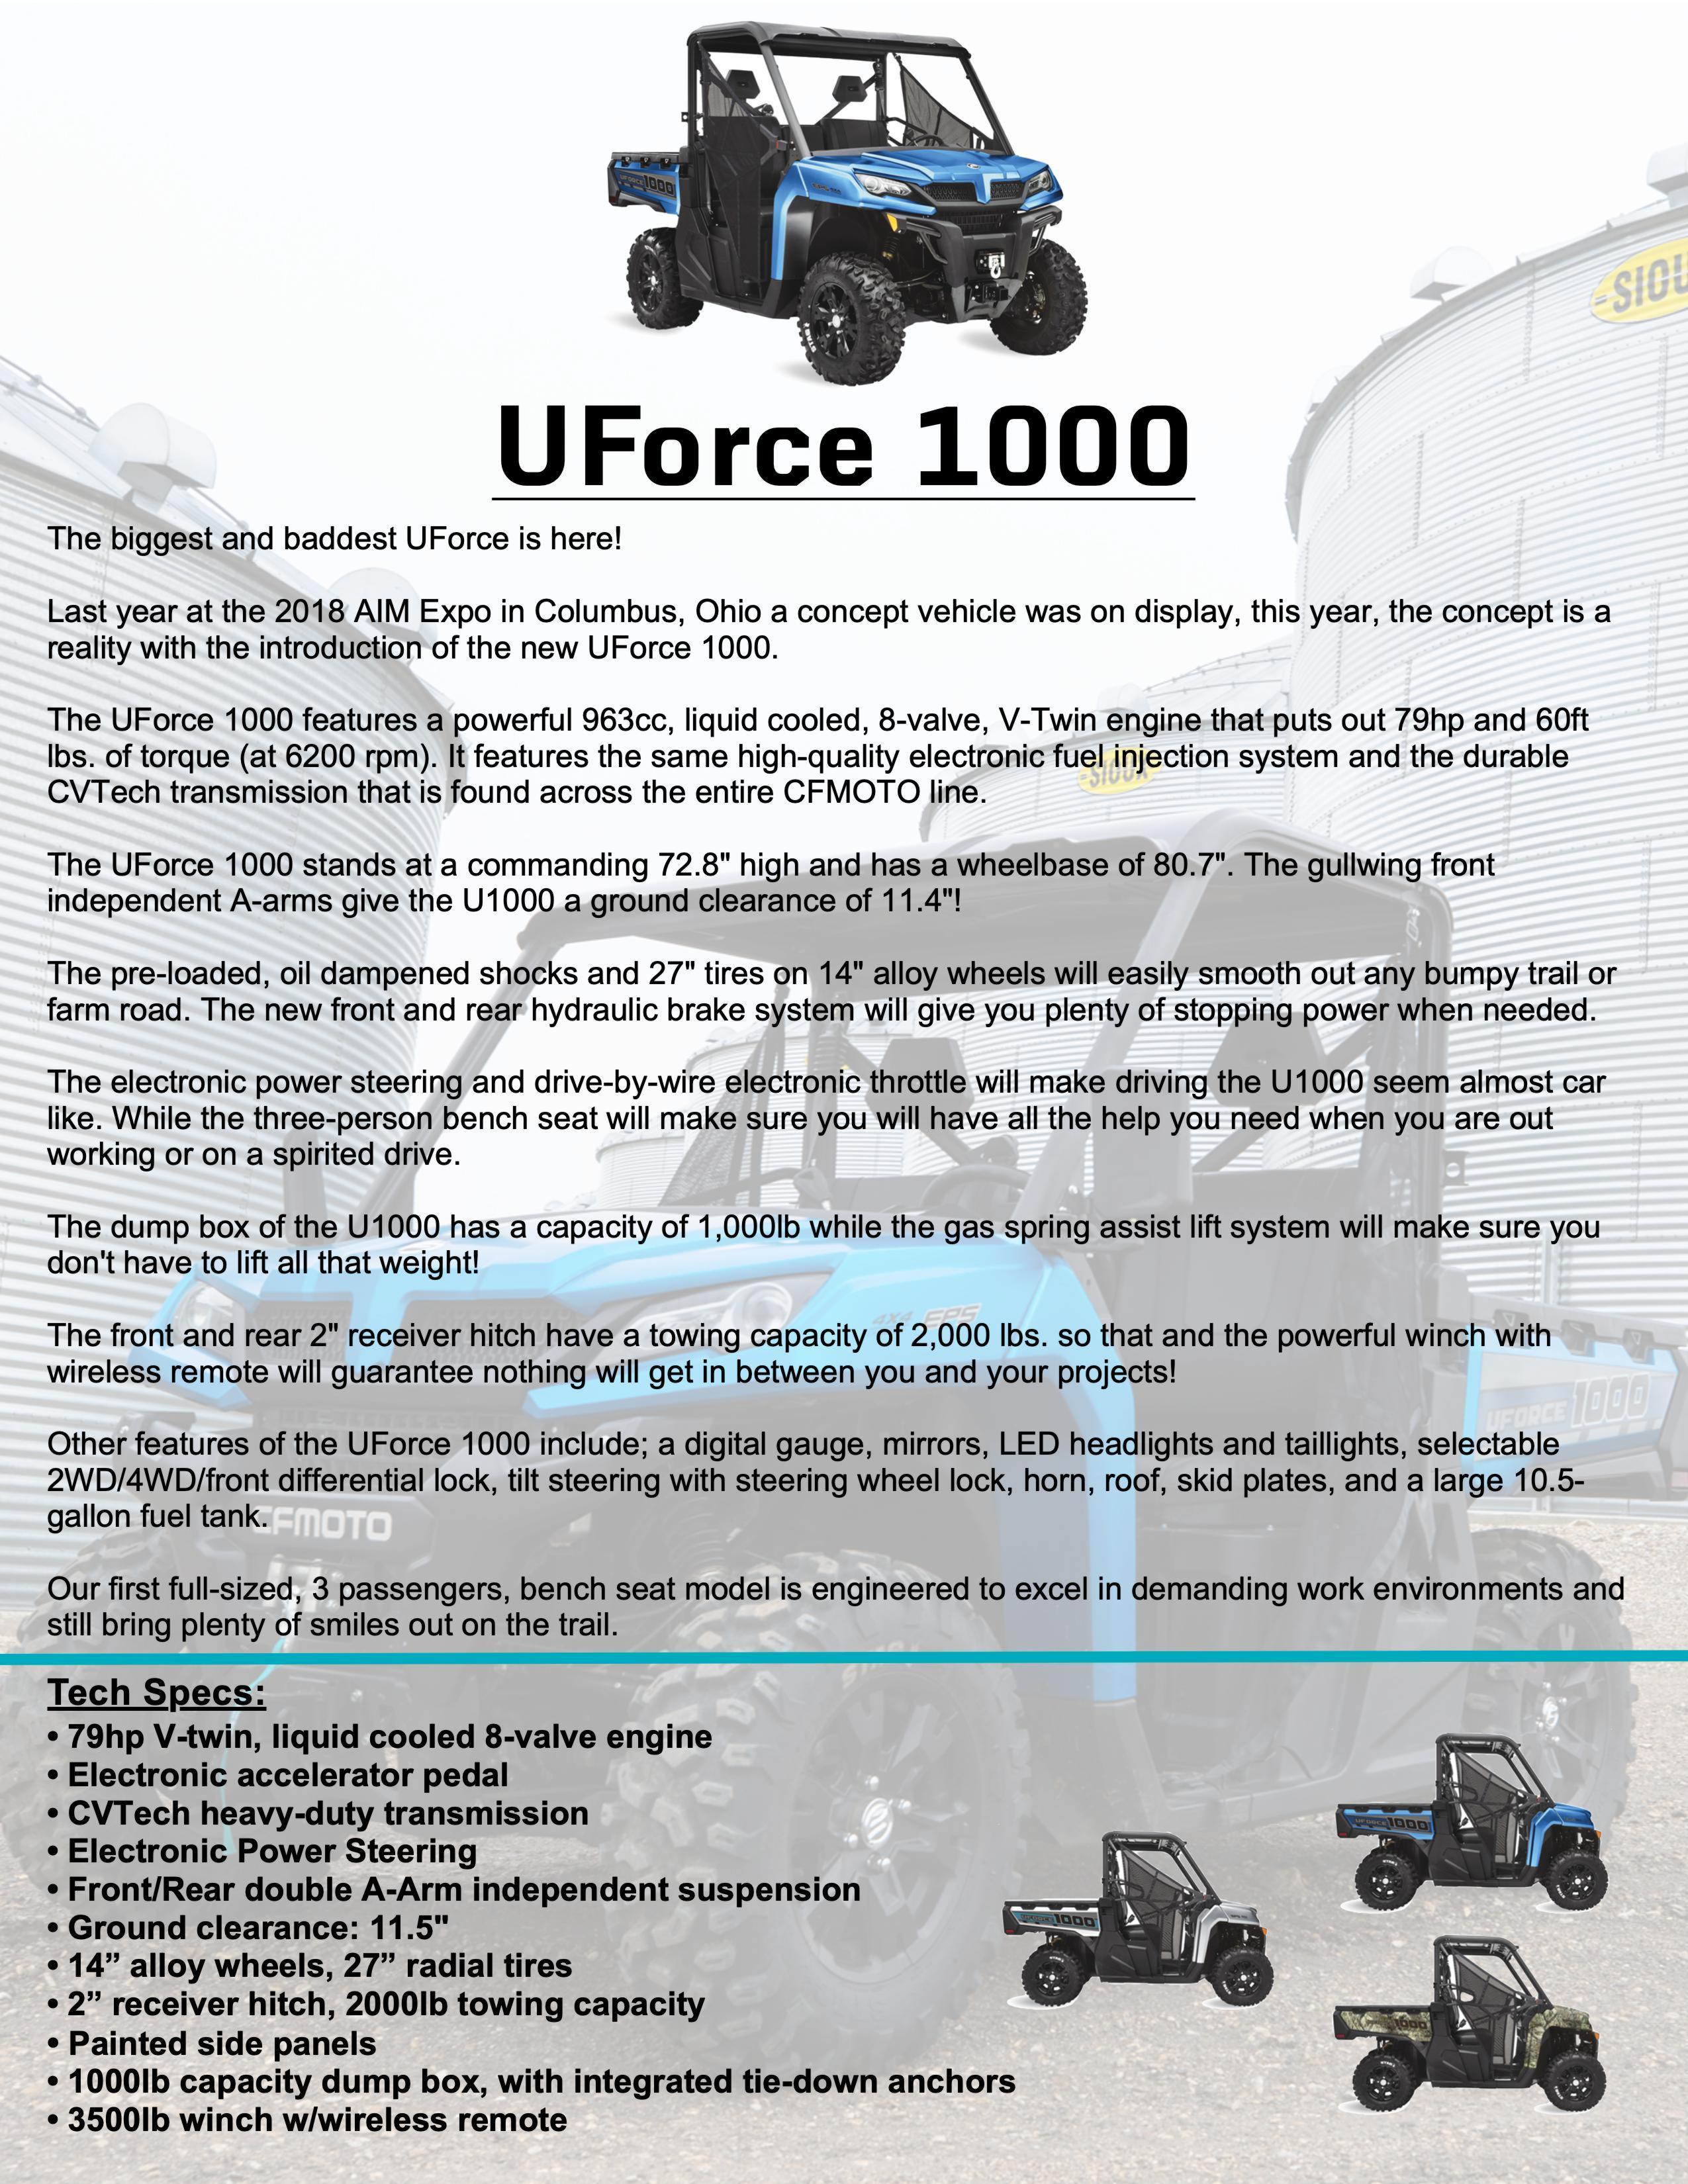 UFORCE 1000